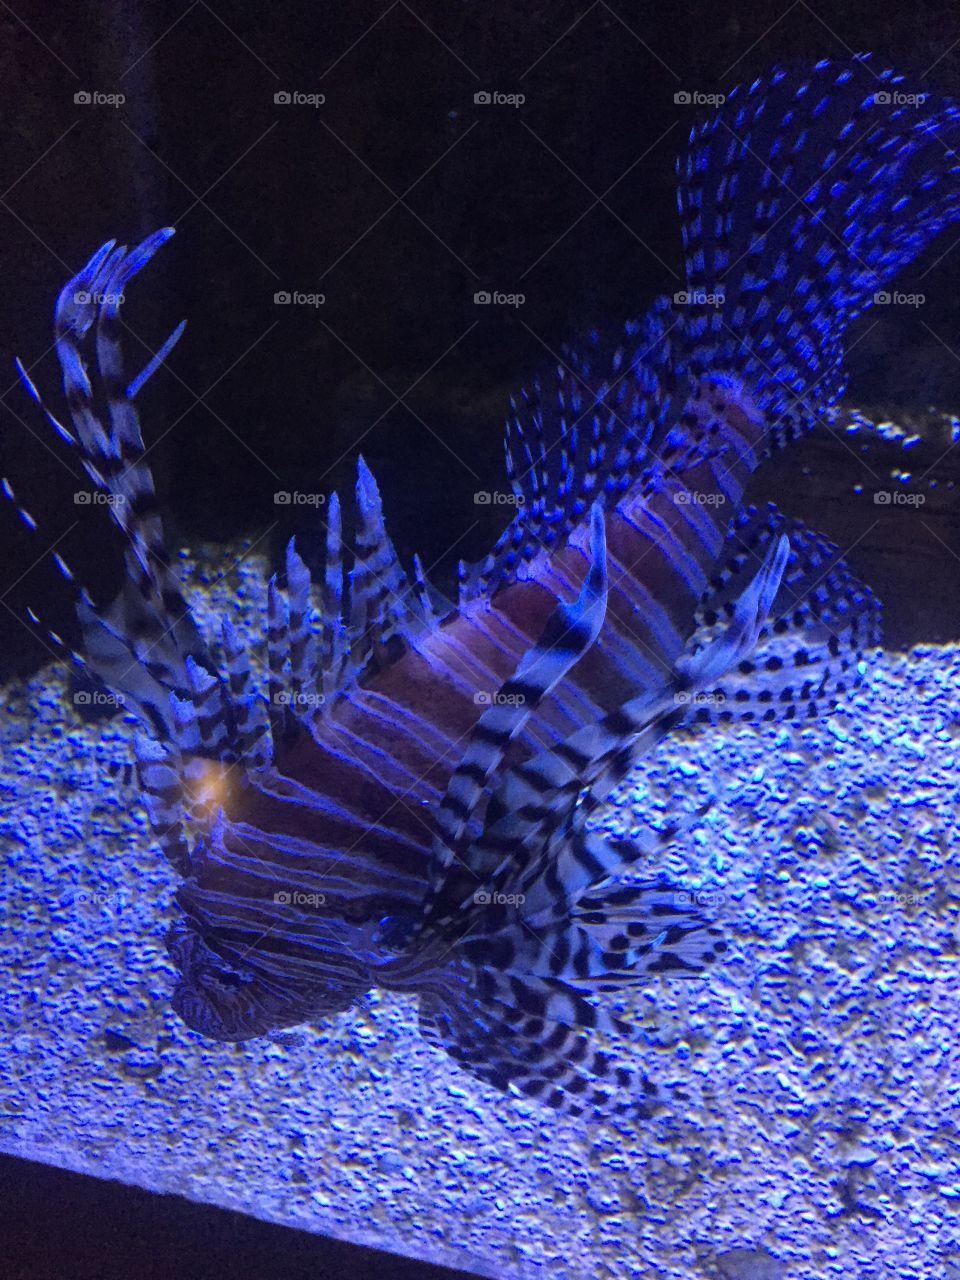 Lion fish is blue